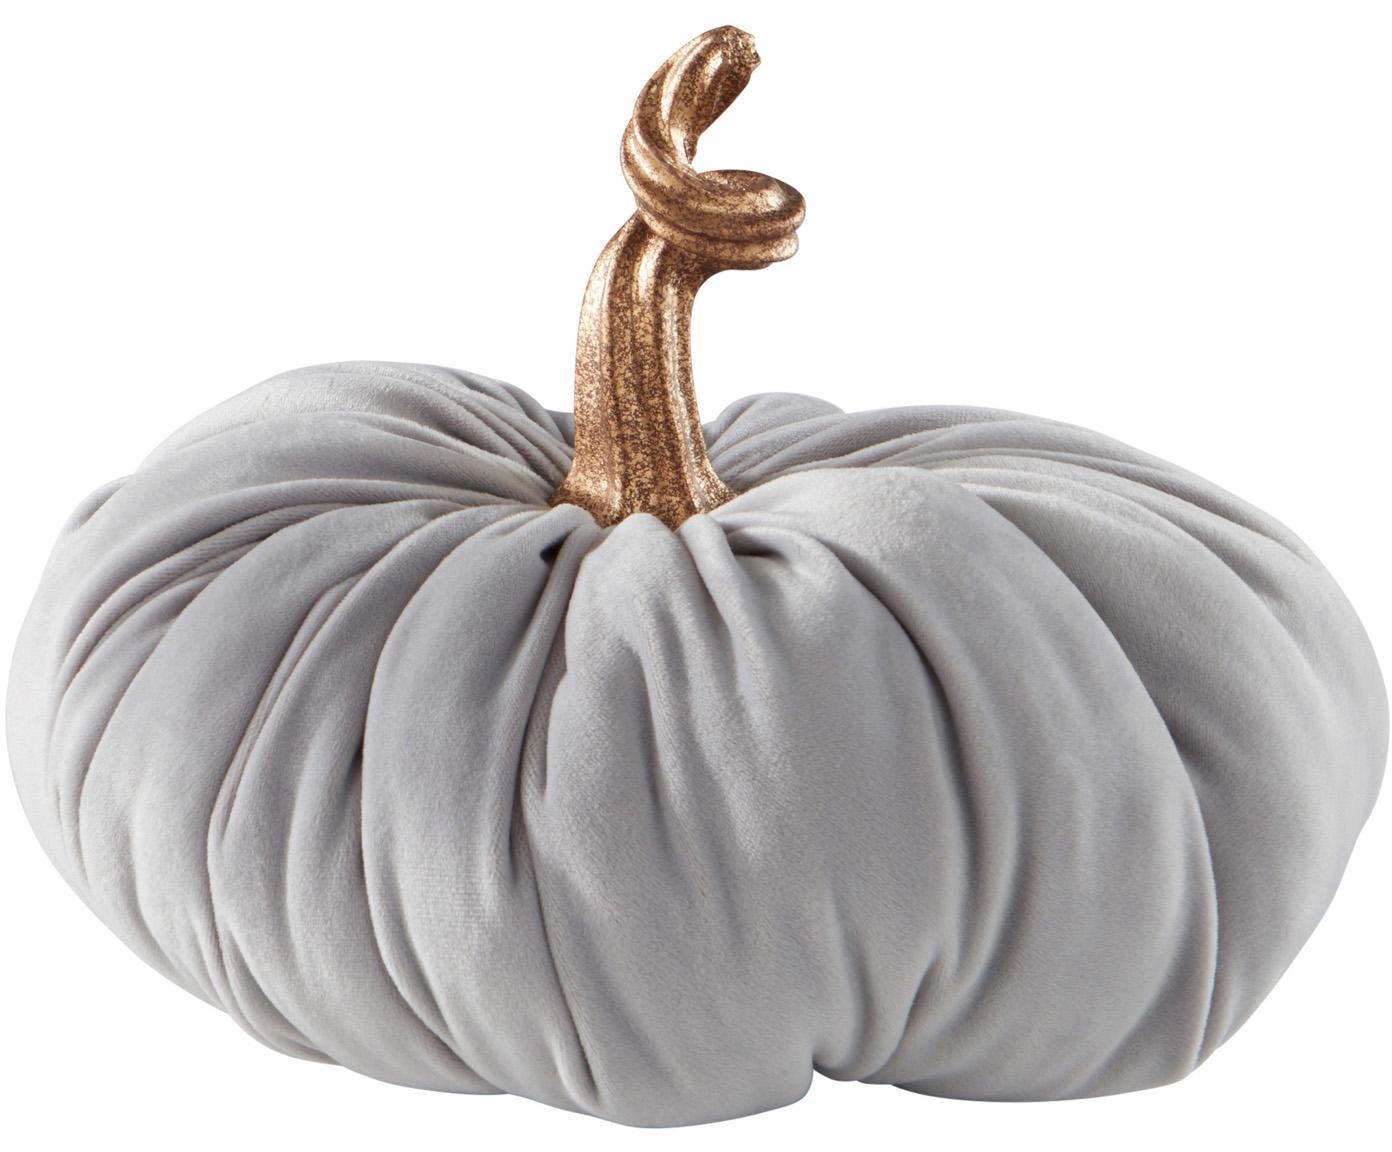 Zucca decorativa in velluto Pumpis, 15% poliresina, 35% acrilico, 25% poliestere, 25% riempimento con sabbia di quarzo, Grigio, Ø 22 x Alt. 21 cm